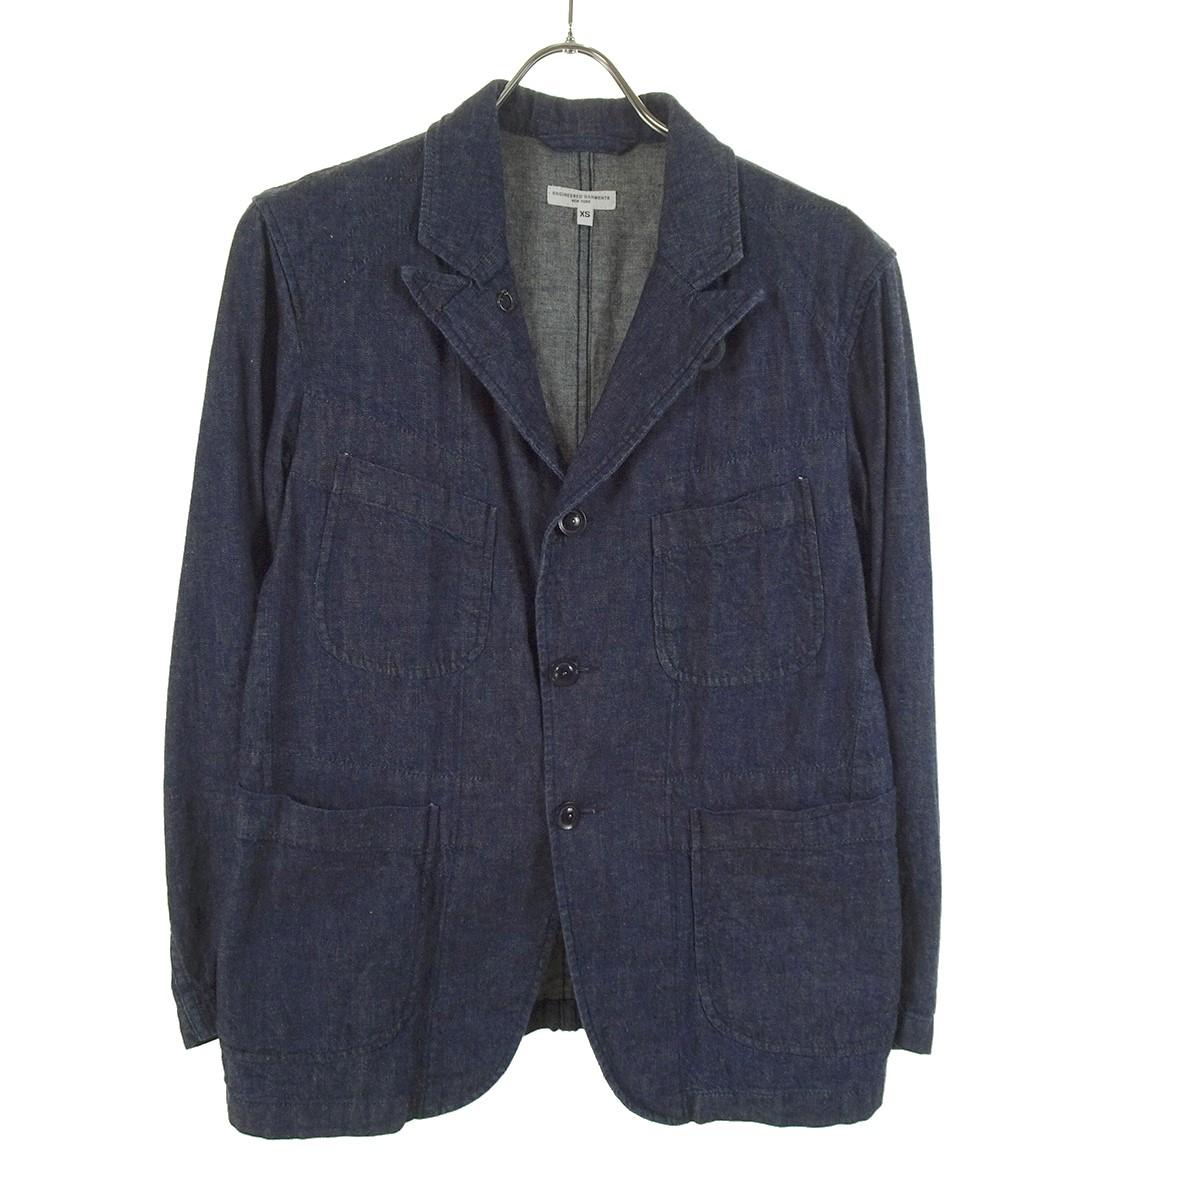 【中古】Engineered Garments Bedford Jacket Solid 19SS ベッドフォードジャケット インディゴ サイズ:XS 【230120】(エンジニアードガーメンツ)